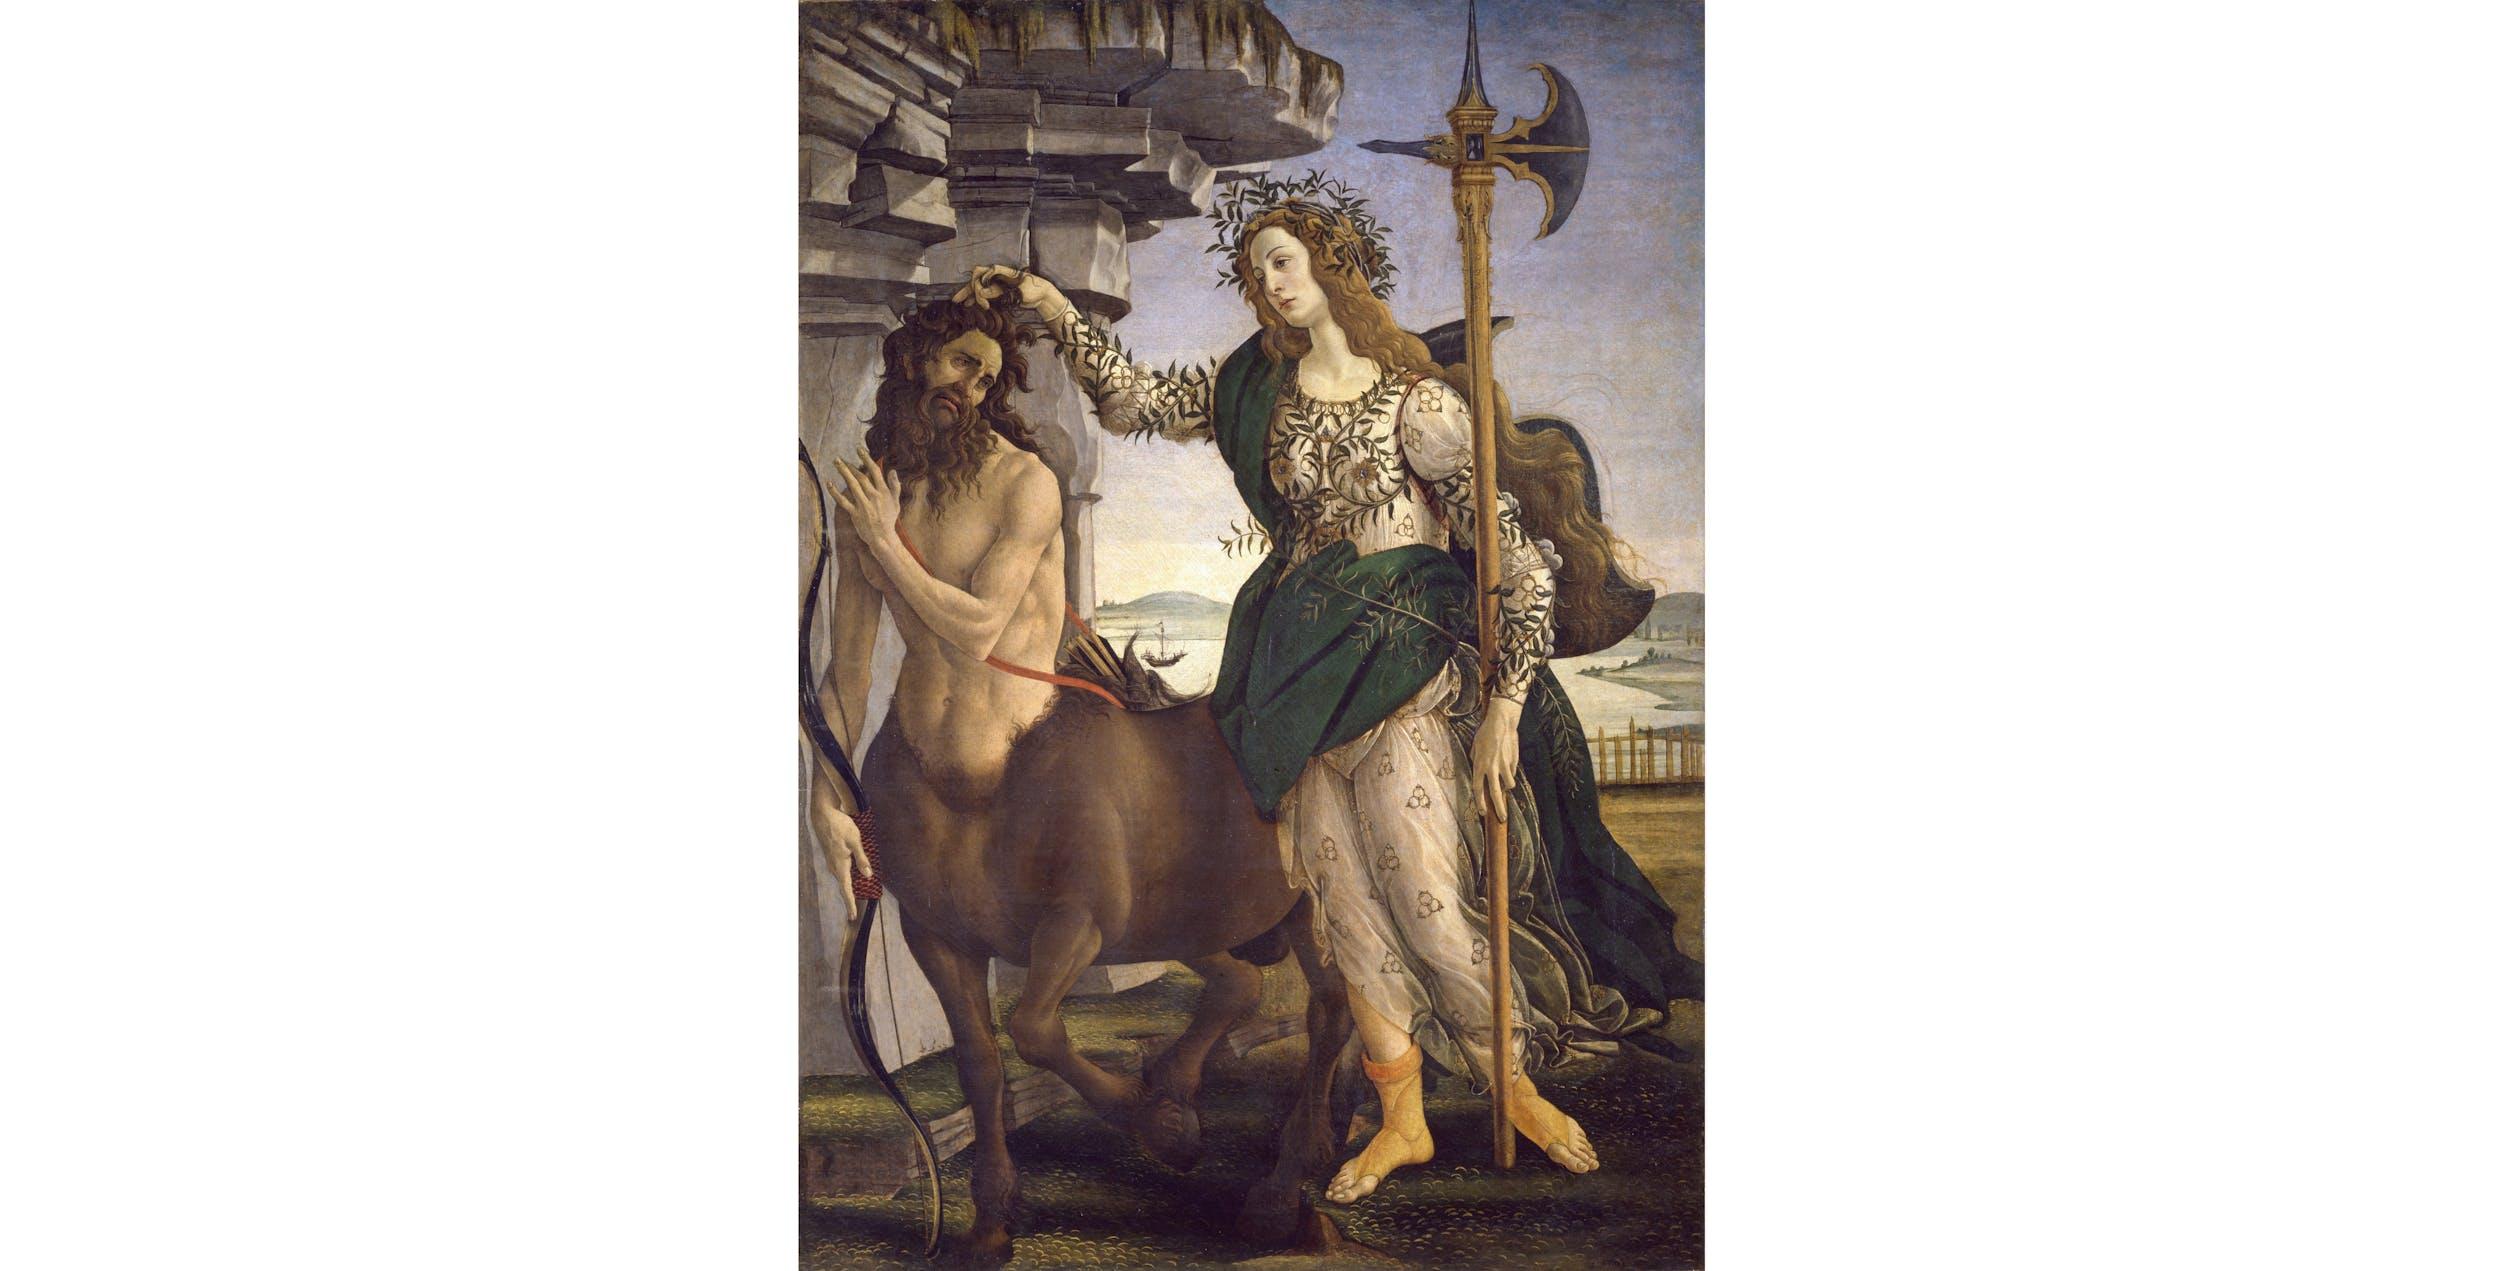 Sandro Botticelli, Pallade e il centauro I Sandro Botticelli, Pallas and the centaur